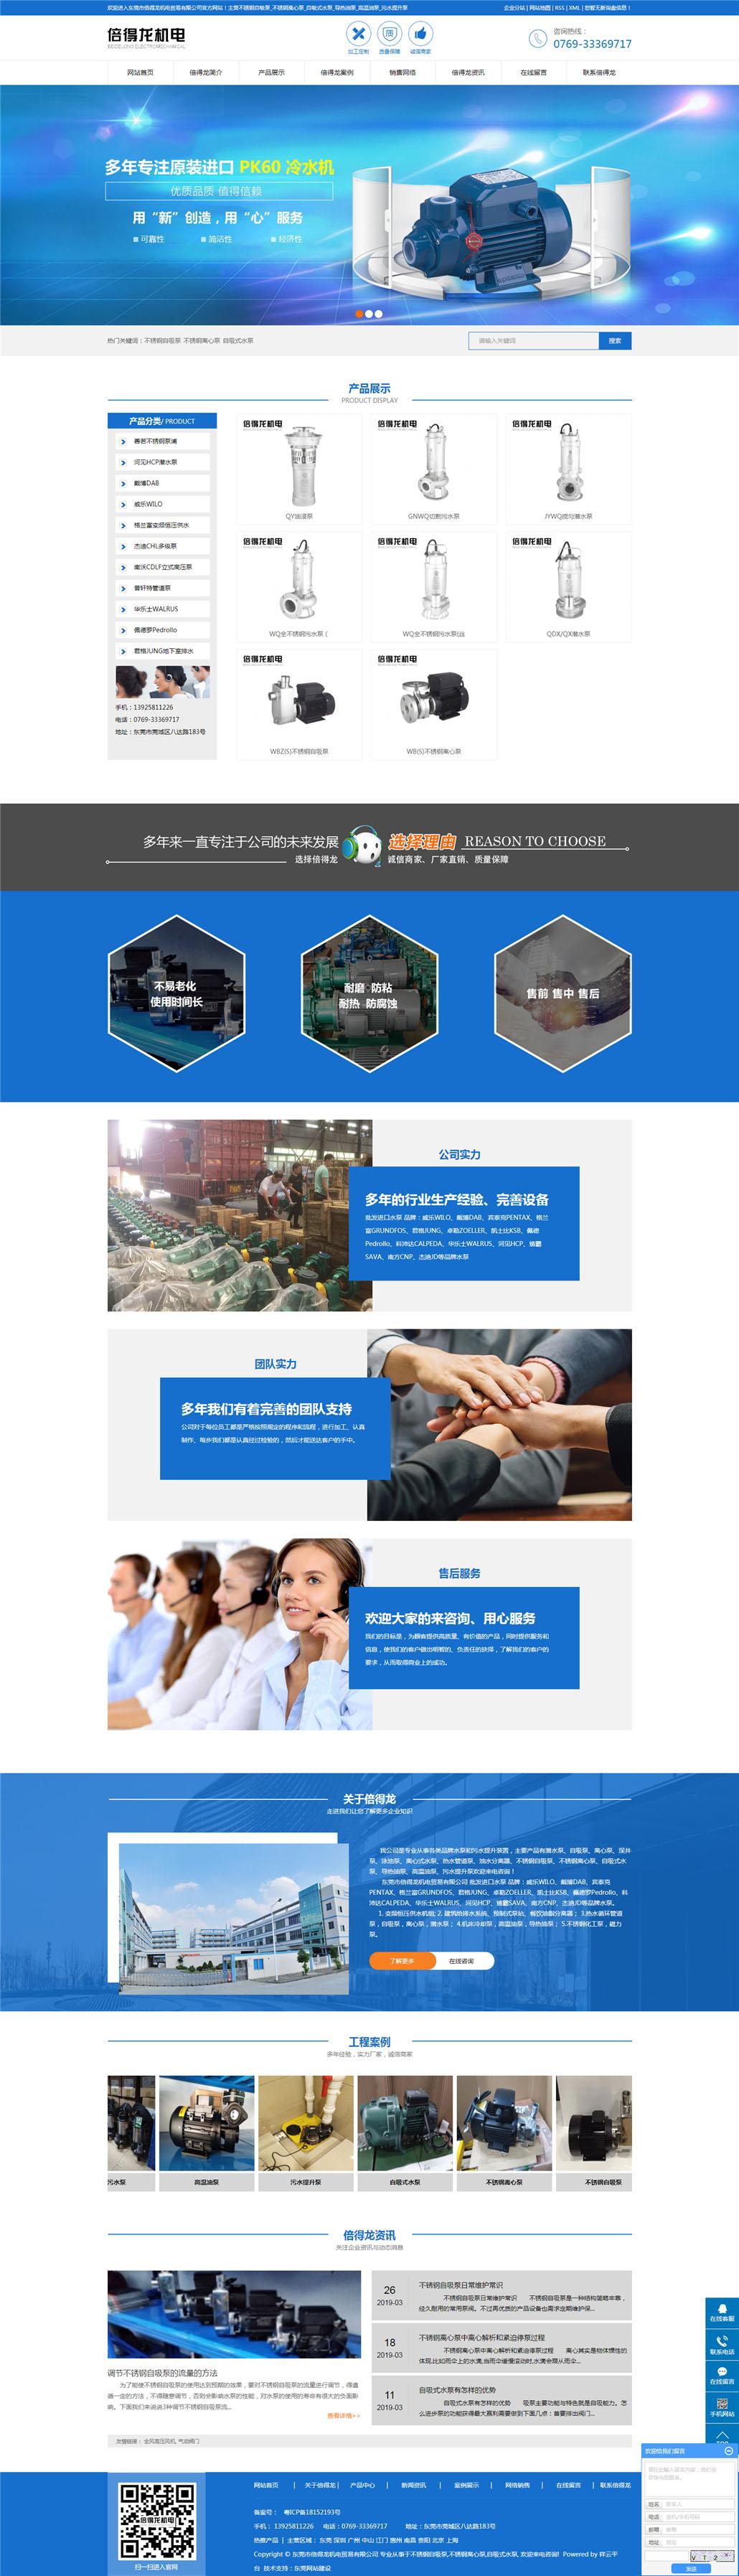 东莞市倍得龙机电贸易有限公司